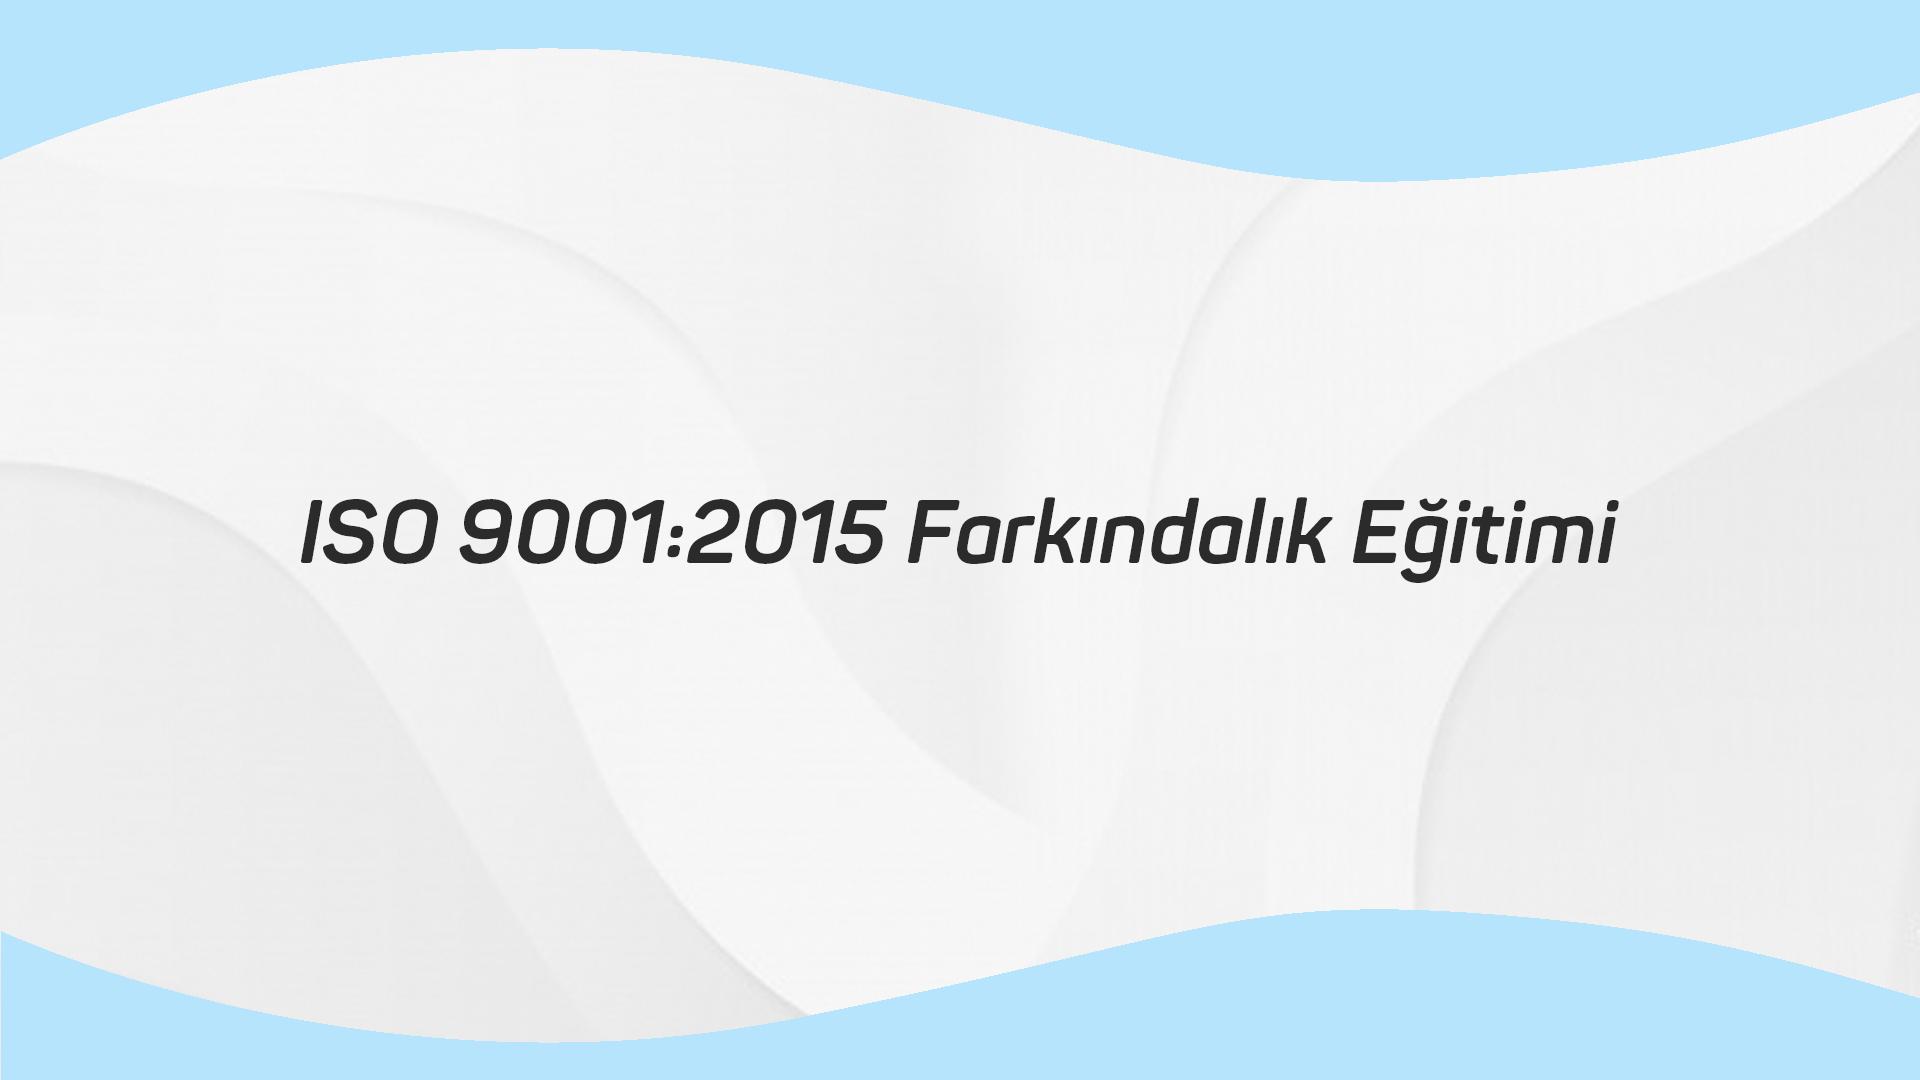 ISO 9001 2015 Farkındalık Eğitimi